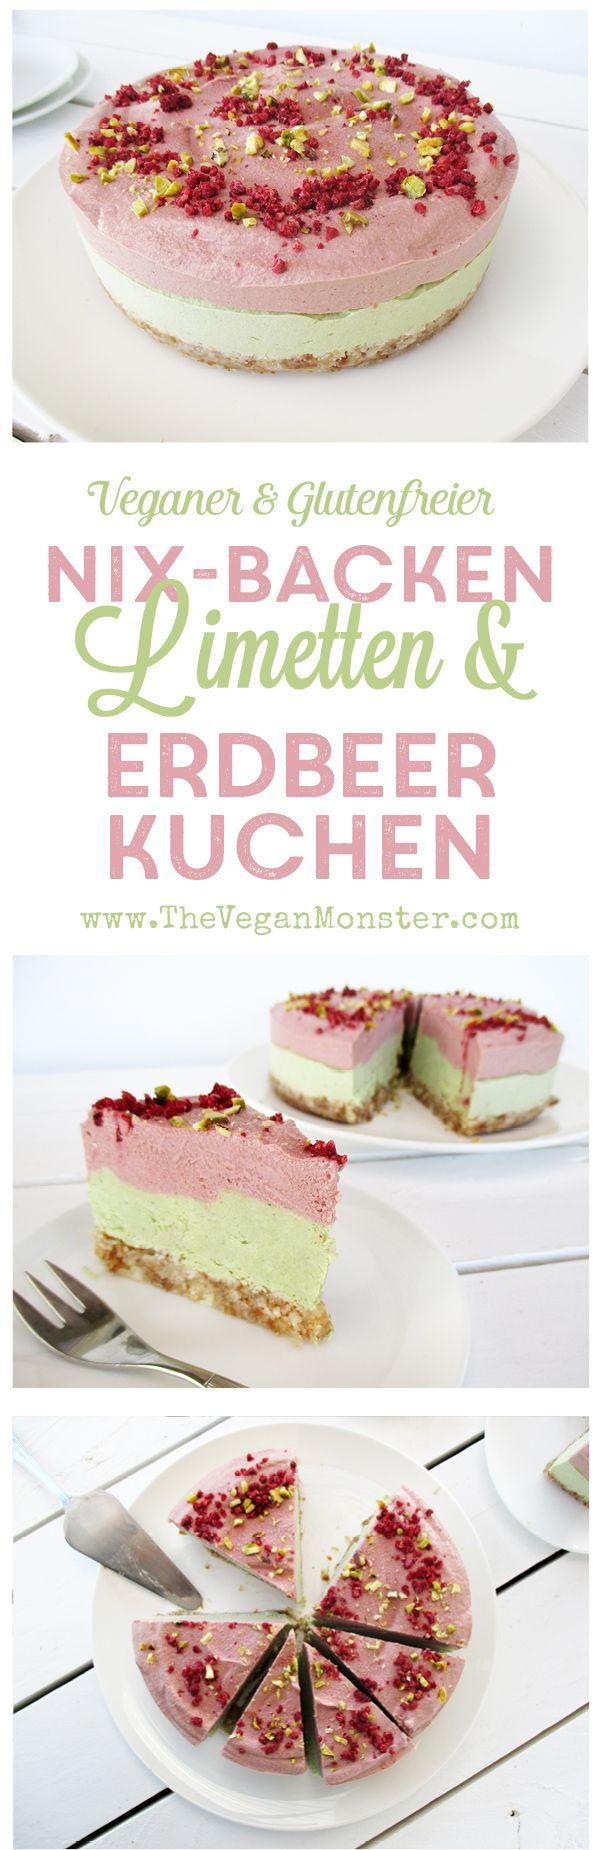 Nix Backen Rohköstlicher Veganer Glutenfreier Eifreier Milchfreier Limetten Erdbeer Kuchen Rezept